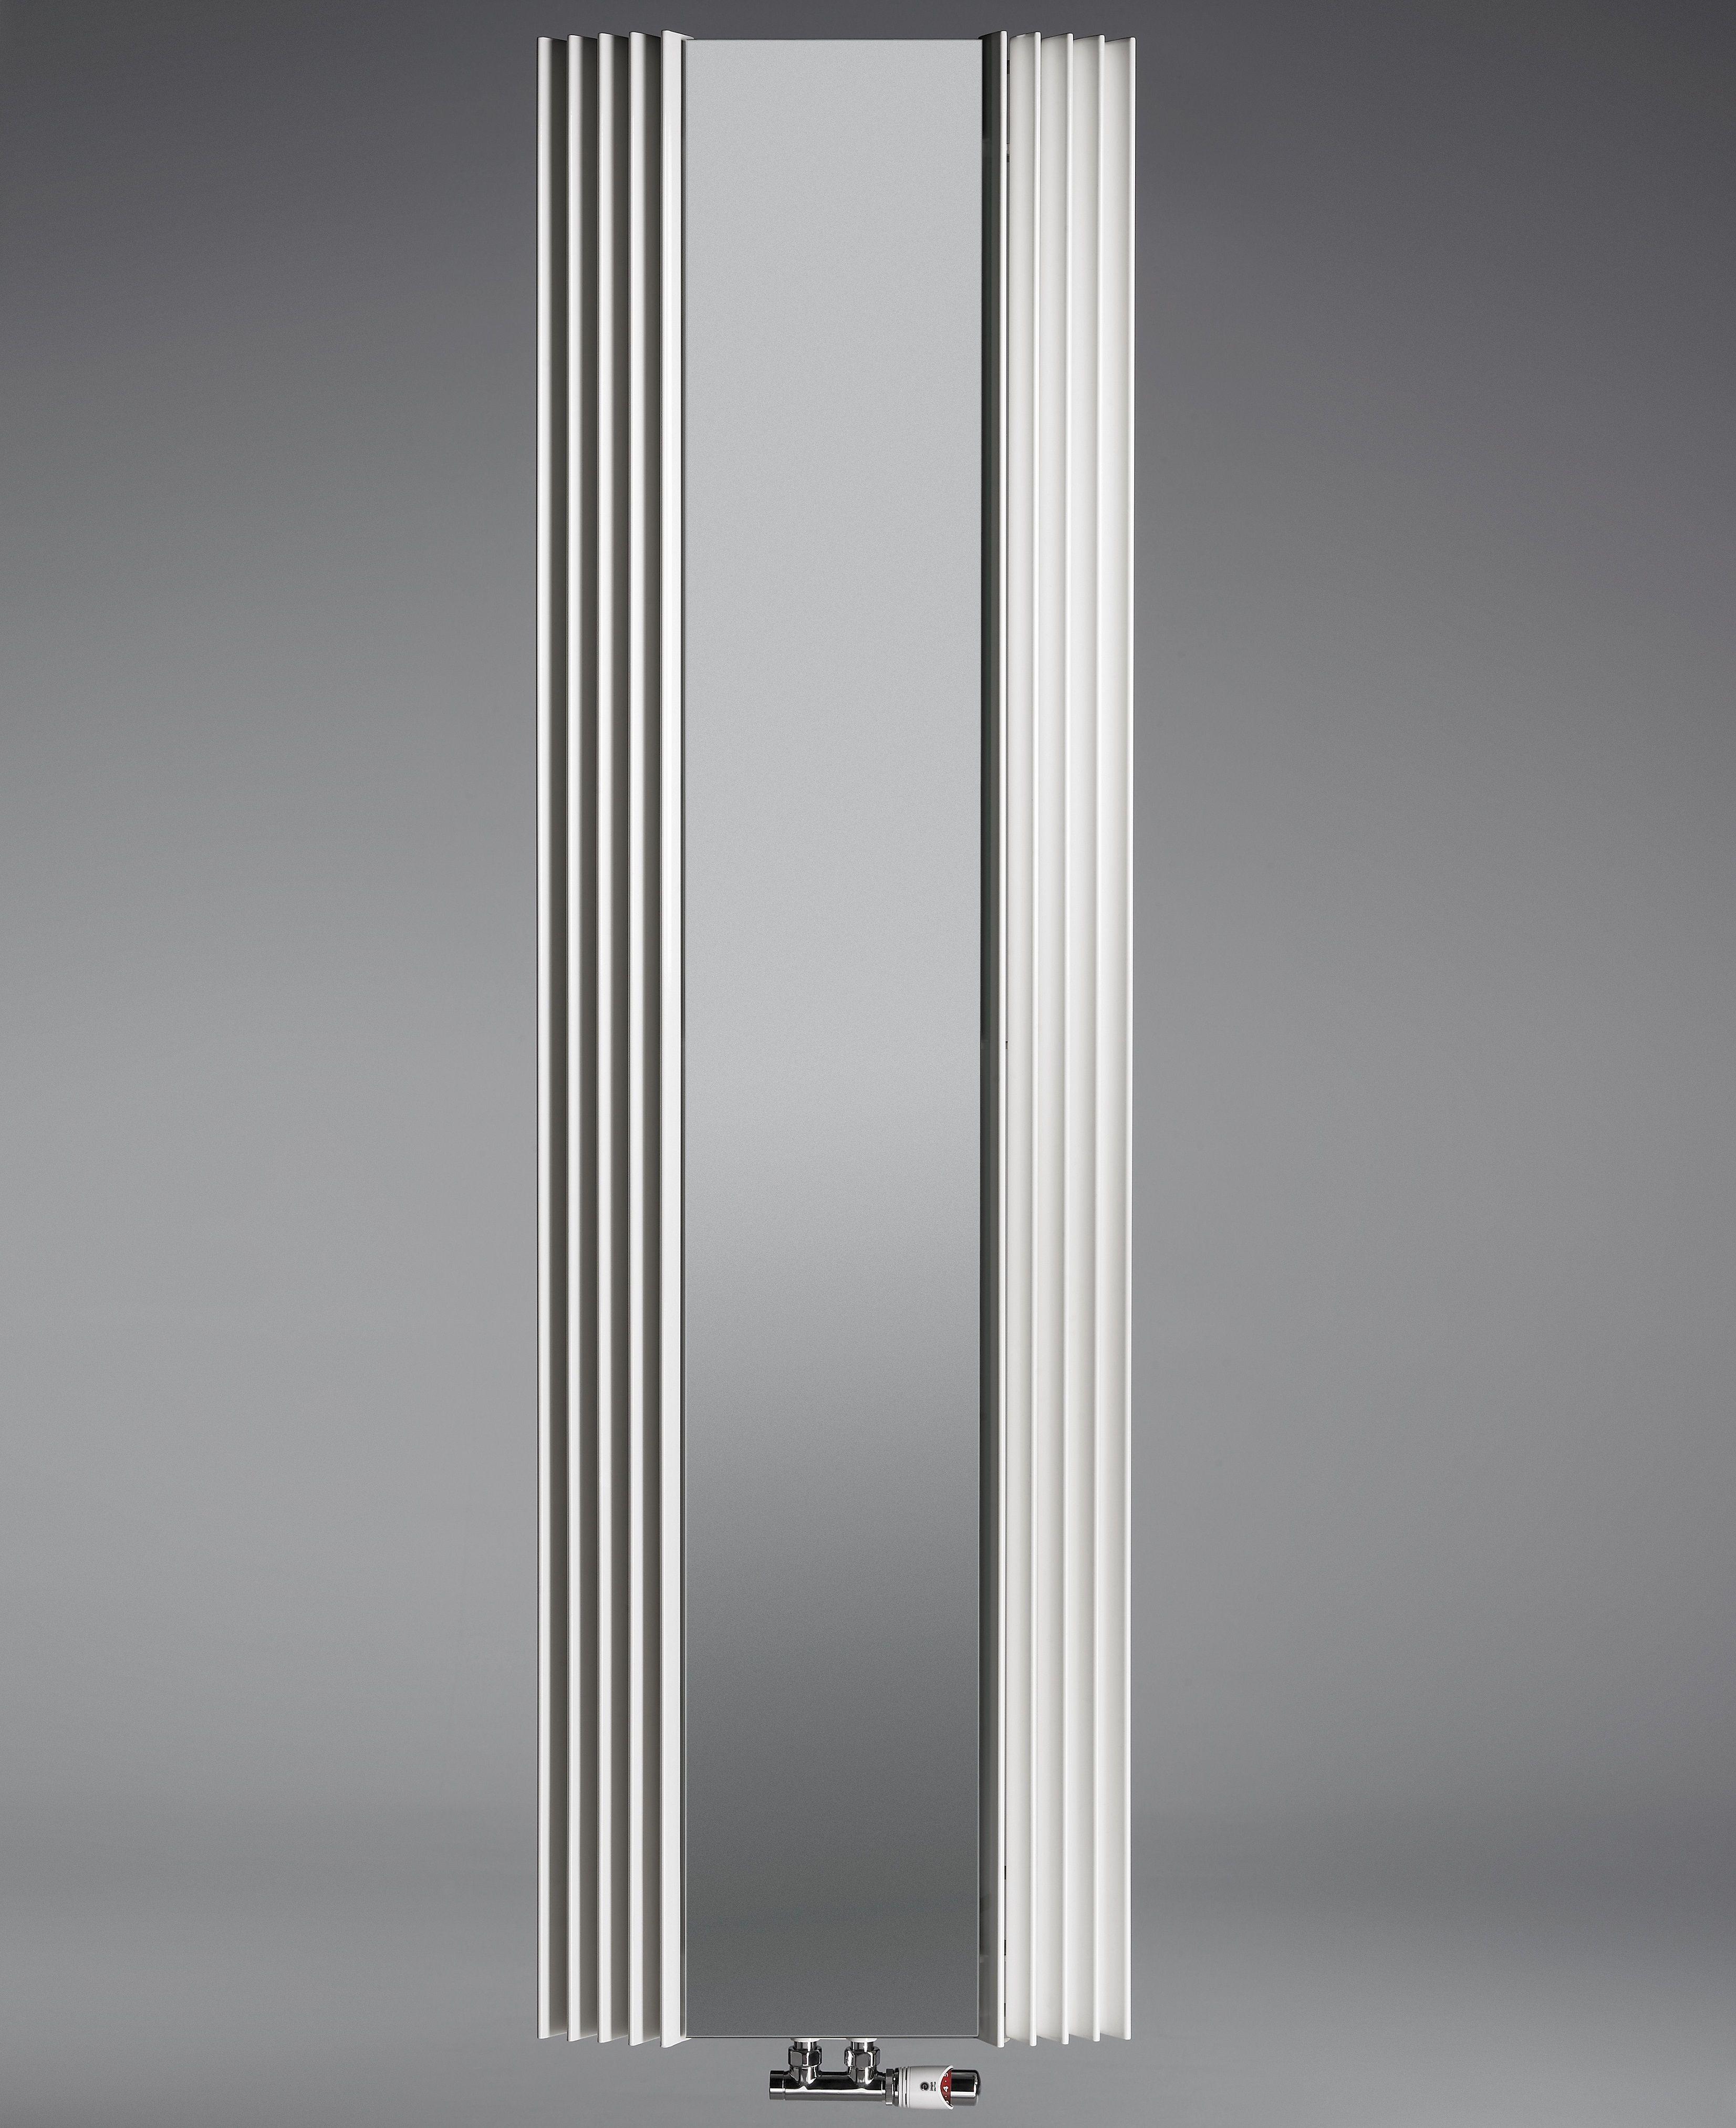 Design Heizkorper Mit Spiegel Mit Led Licht In Dieser Kategorie Finden Sie Designerheizkorper Fur Wohnzimmer Design Heizkorper Spiegel Mit Ablage Led Spiegel